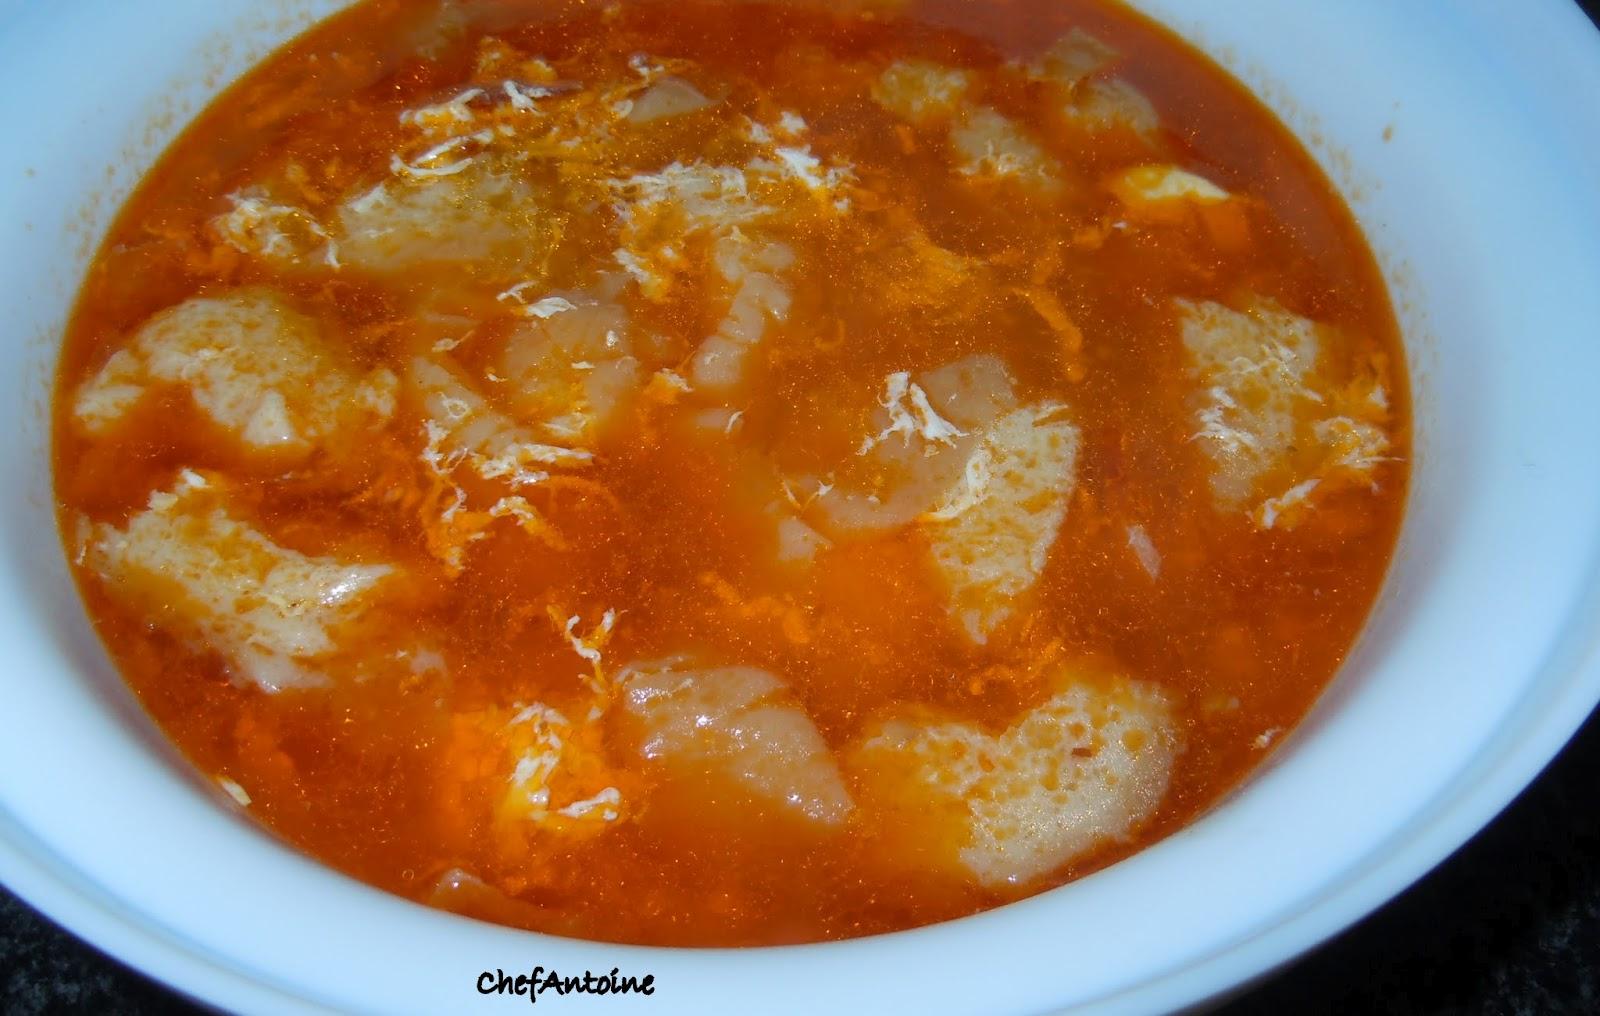 Chefantoine sopas de ajo sopa castellana - Sopa castellana casera ...